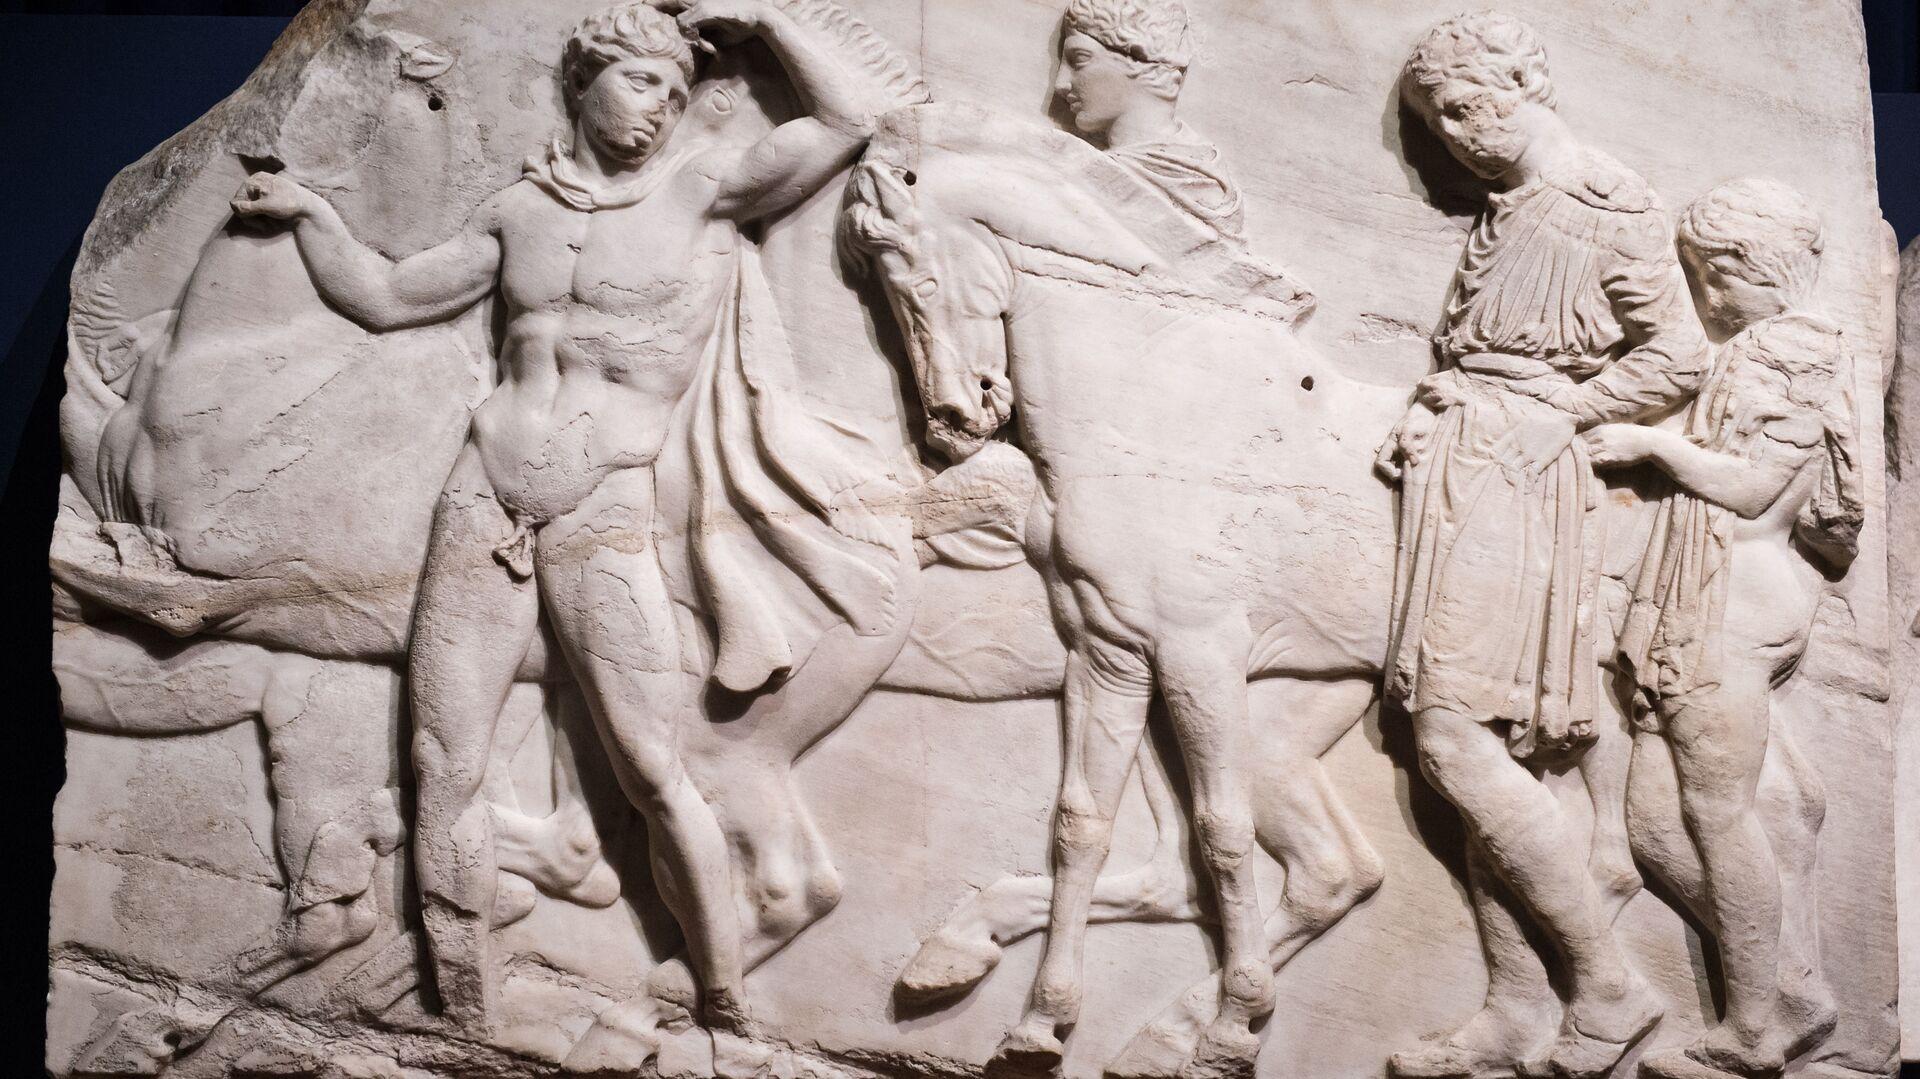 Τα Γλυπτά του Παρθενώνα στο Βρετανικό Μουσείο - Sputnik Ελλάδα, 1920, 14.08.2021